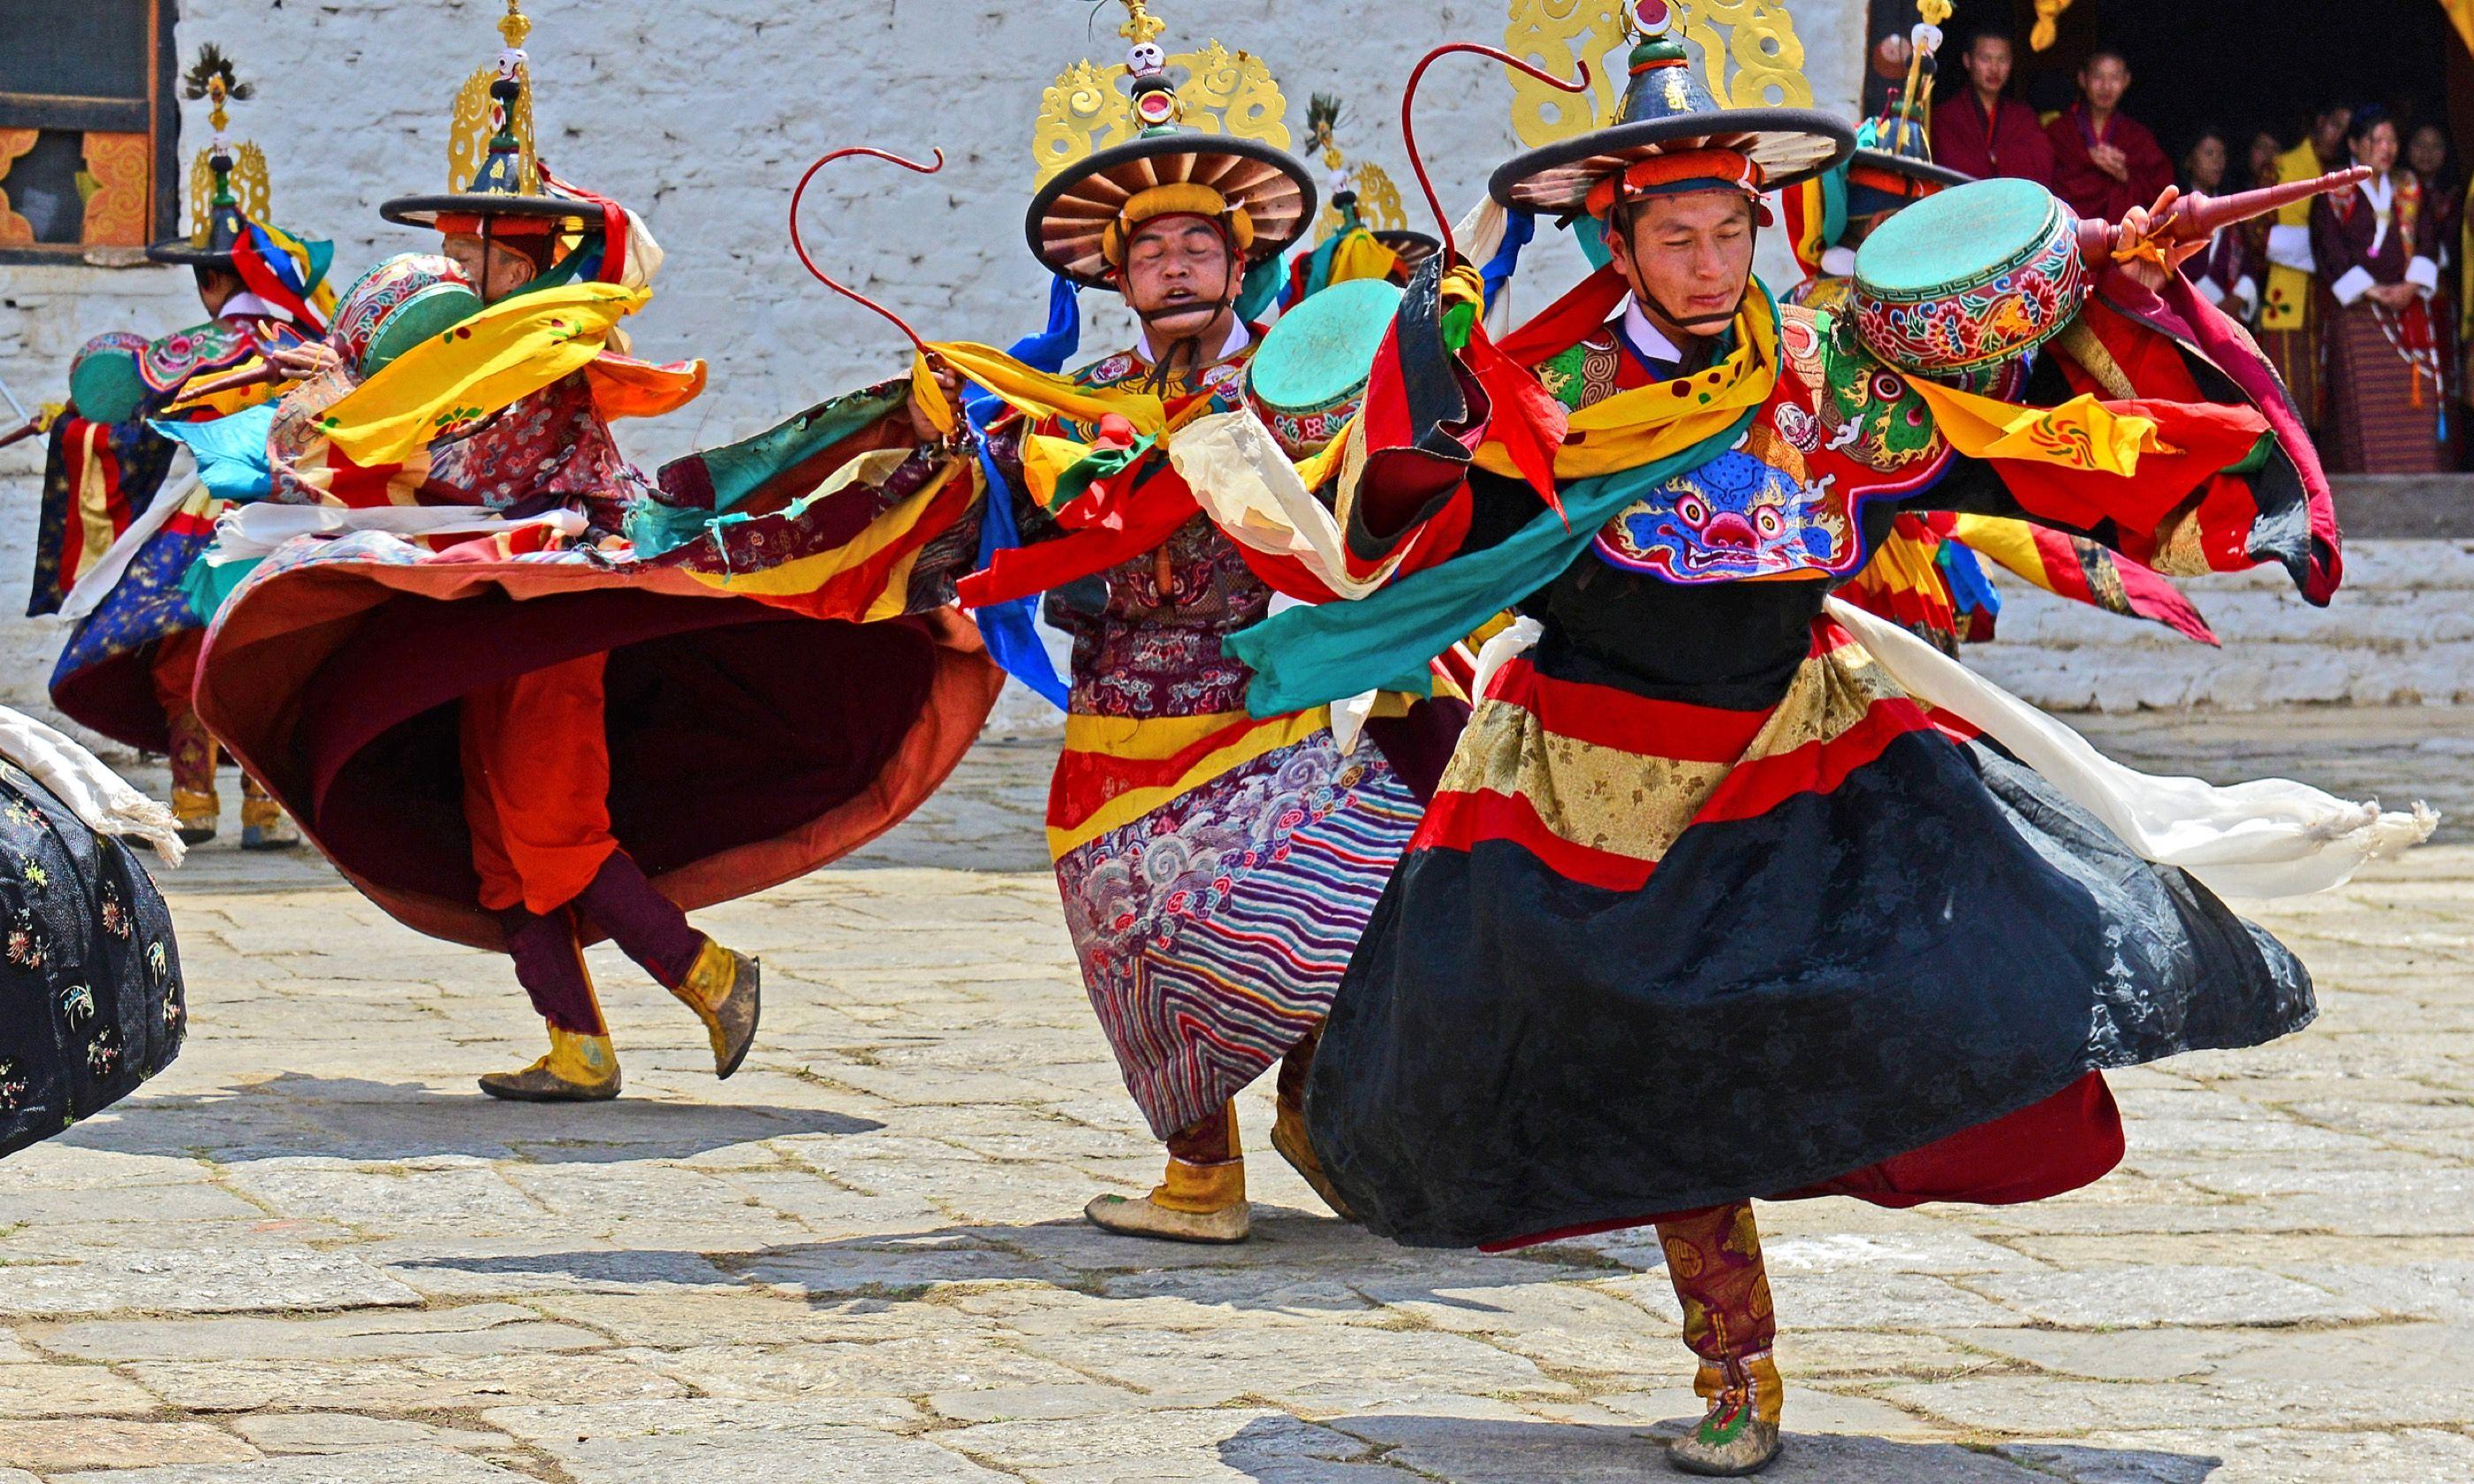 Paro Tsechu Festival, Bhutan (Dreamstime)